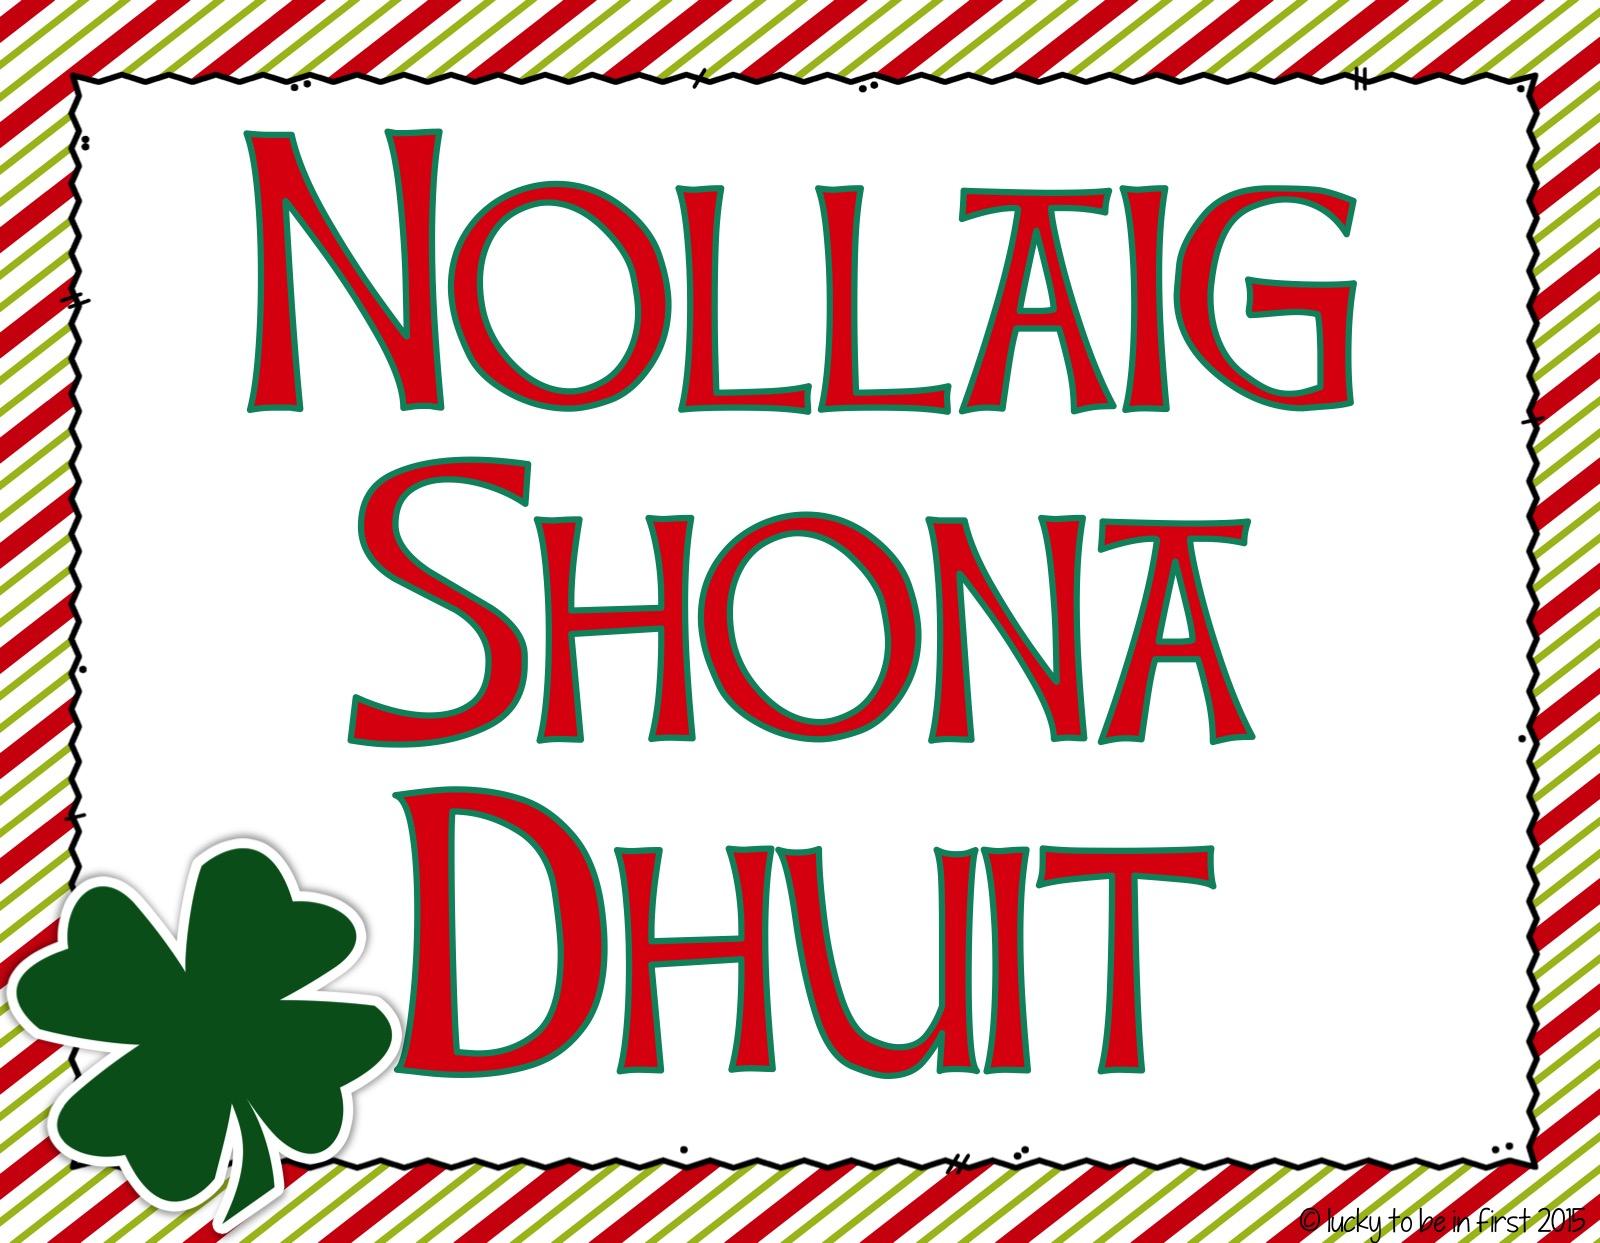 Holidays Around the World - Ireland!